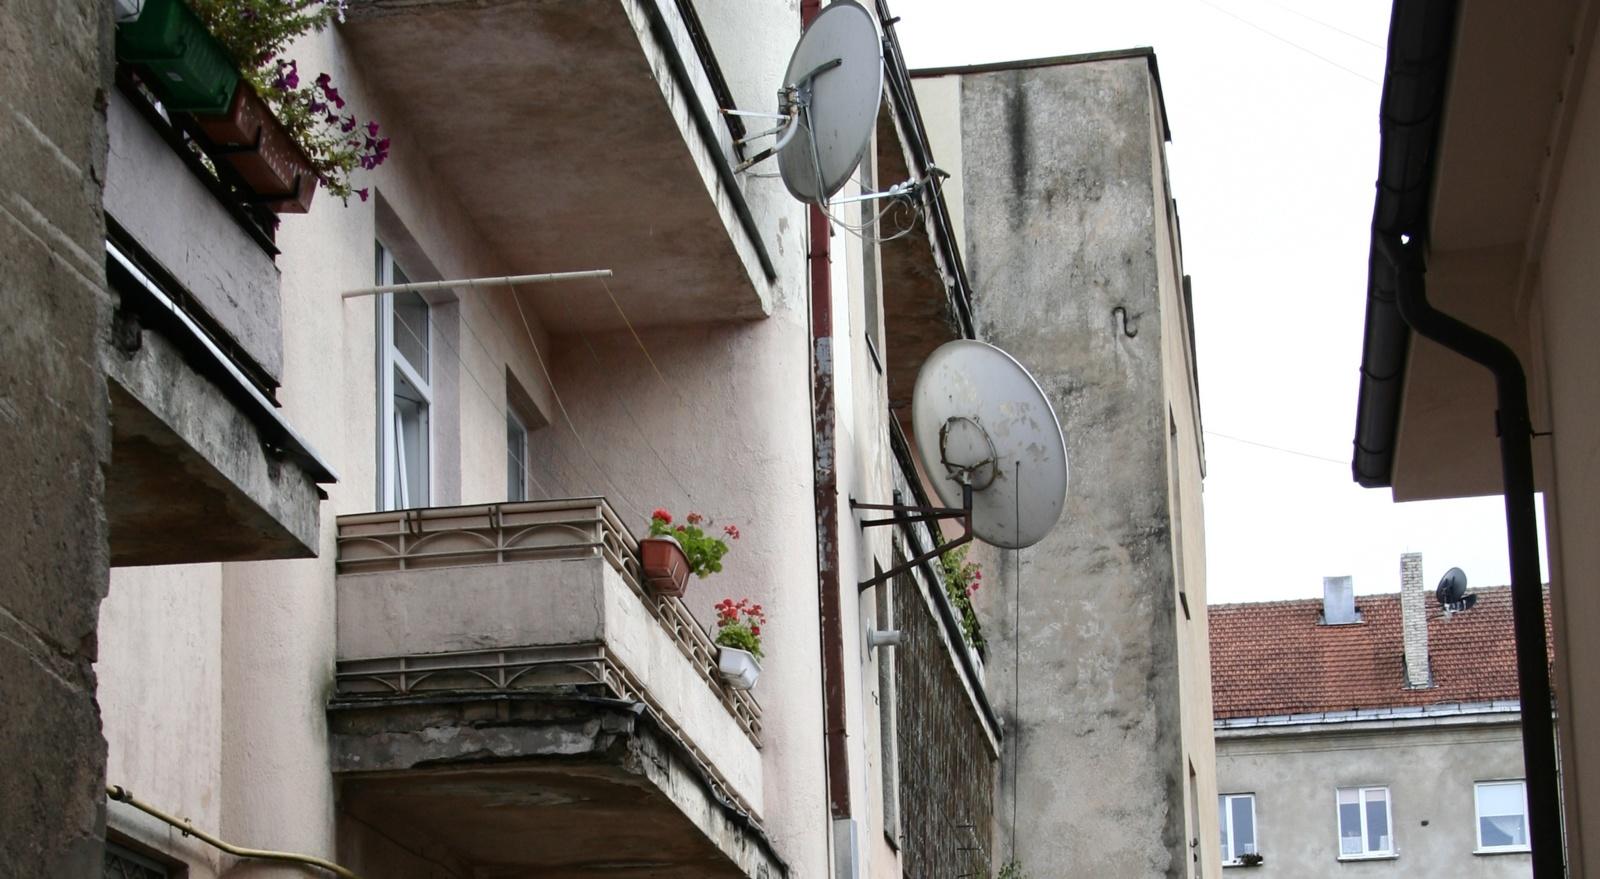 Savivaldybės turi 13 mln. eurų socialiniams būstams, bet eilėje laukia 10,5 tūkst. asmenų